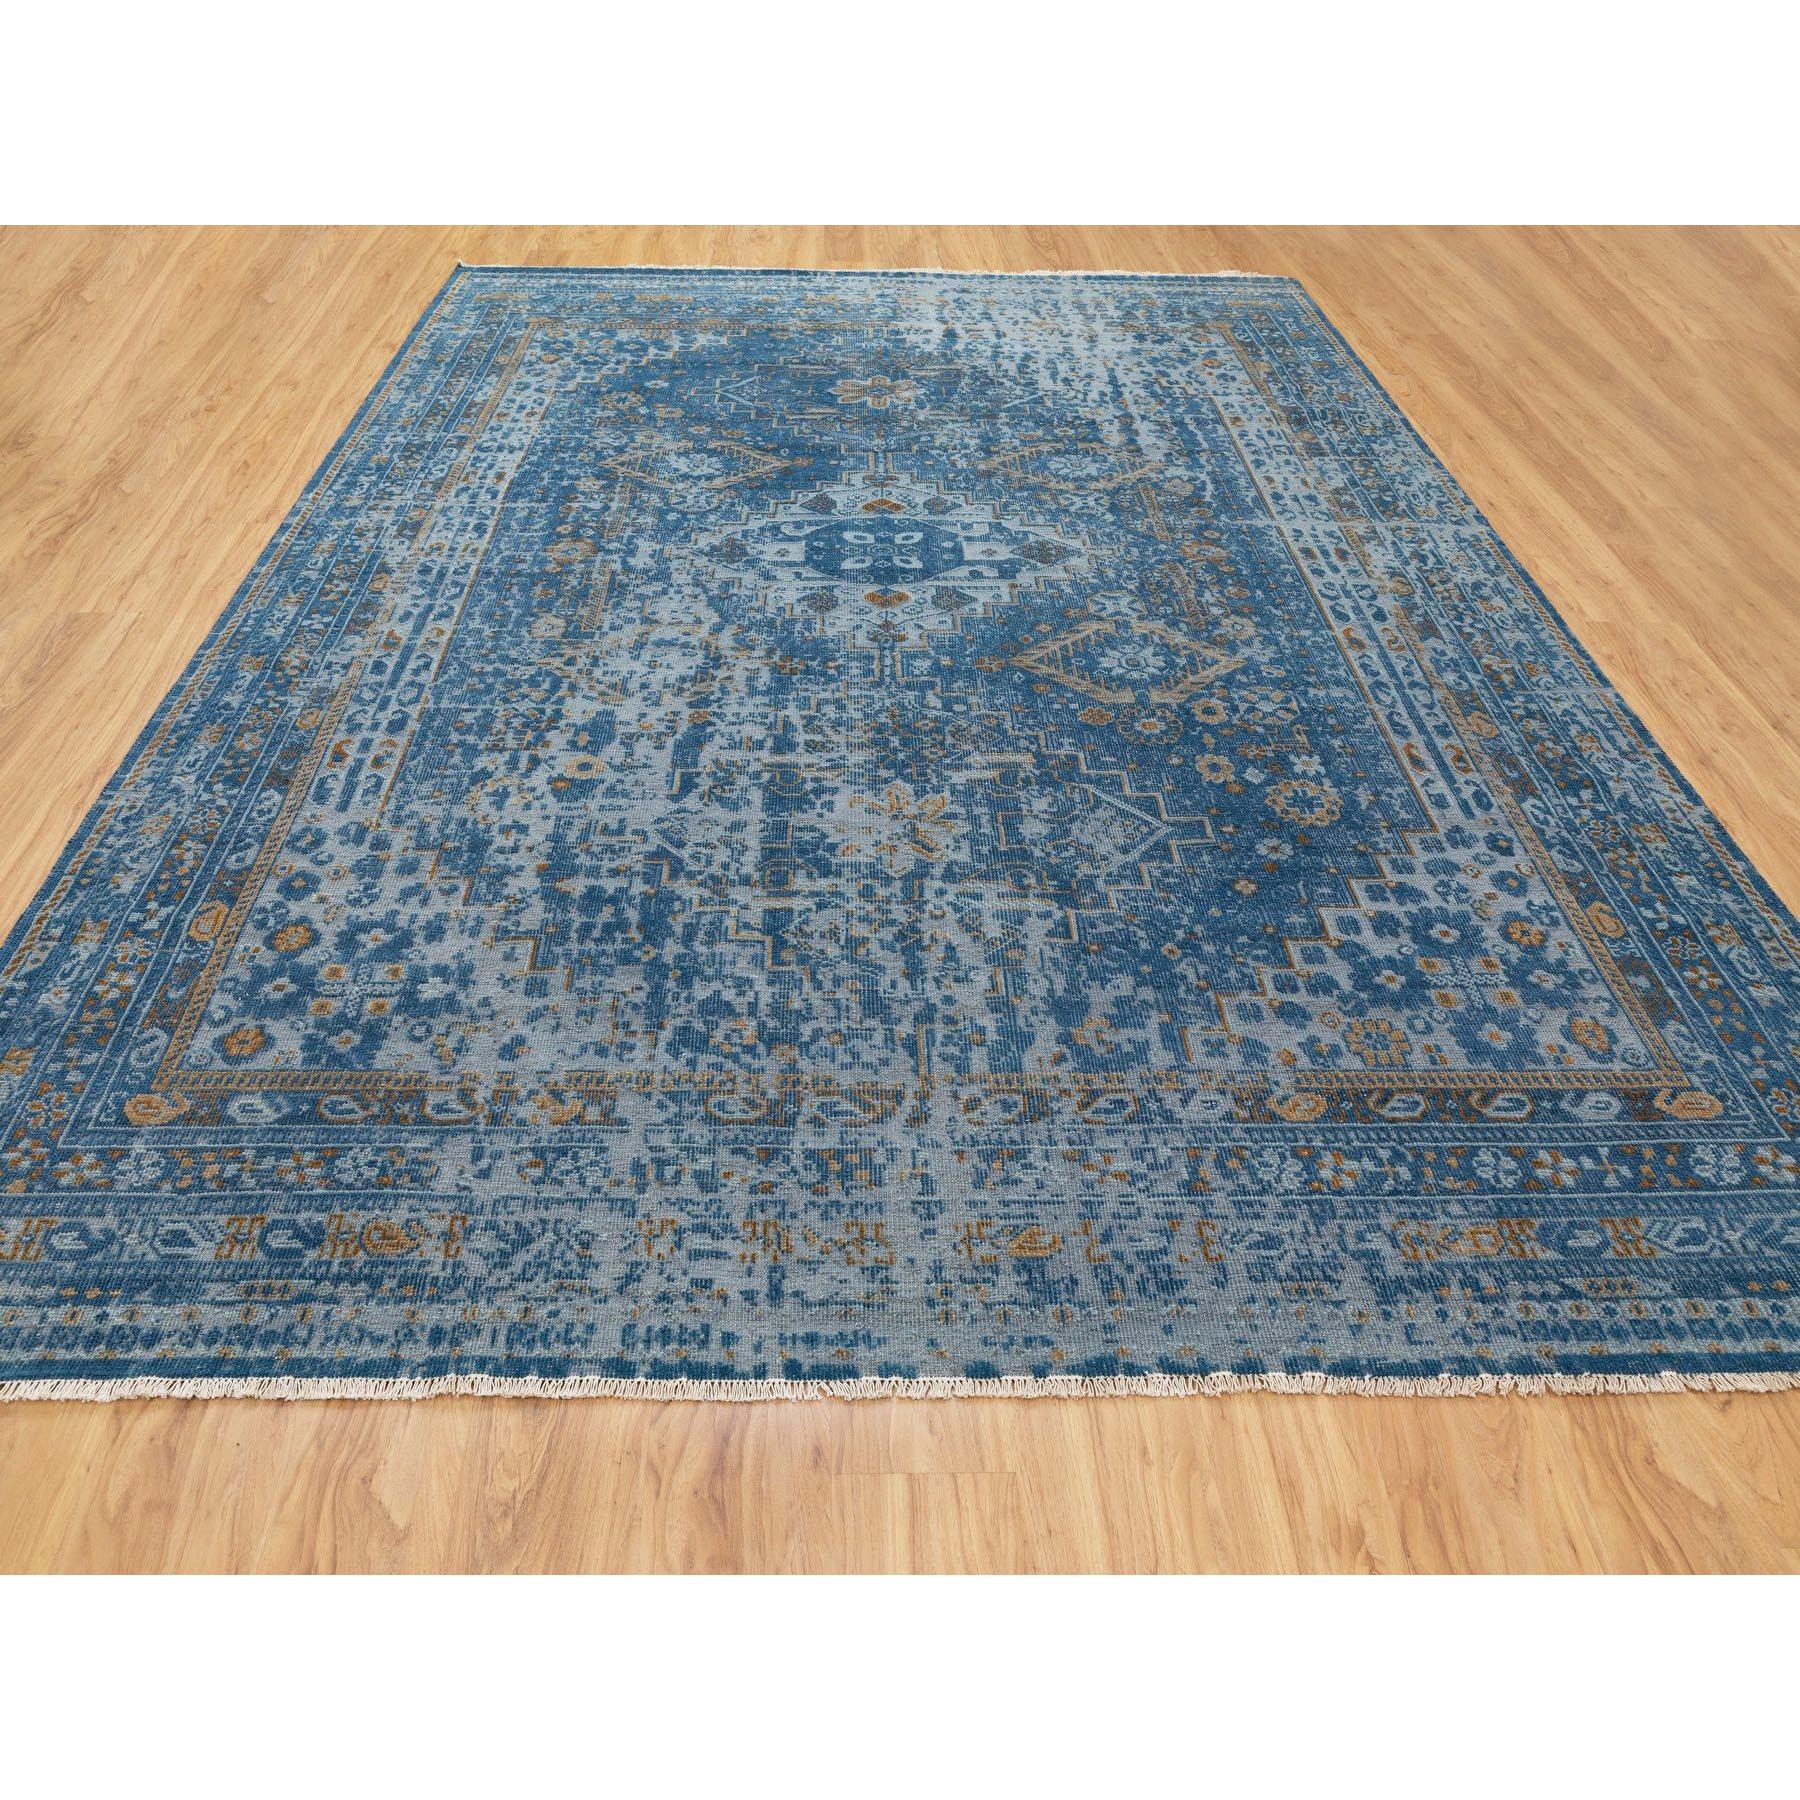 9 X12 Denim Blue Textured Worn Wool Shiraz Hand Knotted Oriental Rug